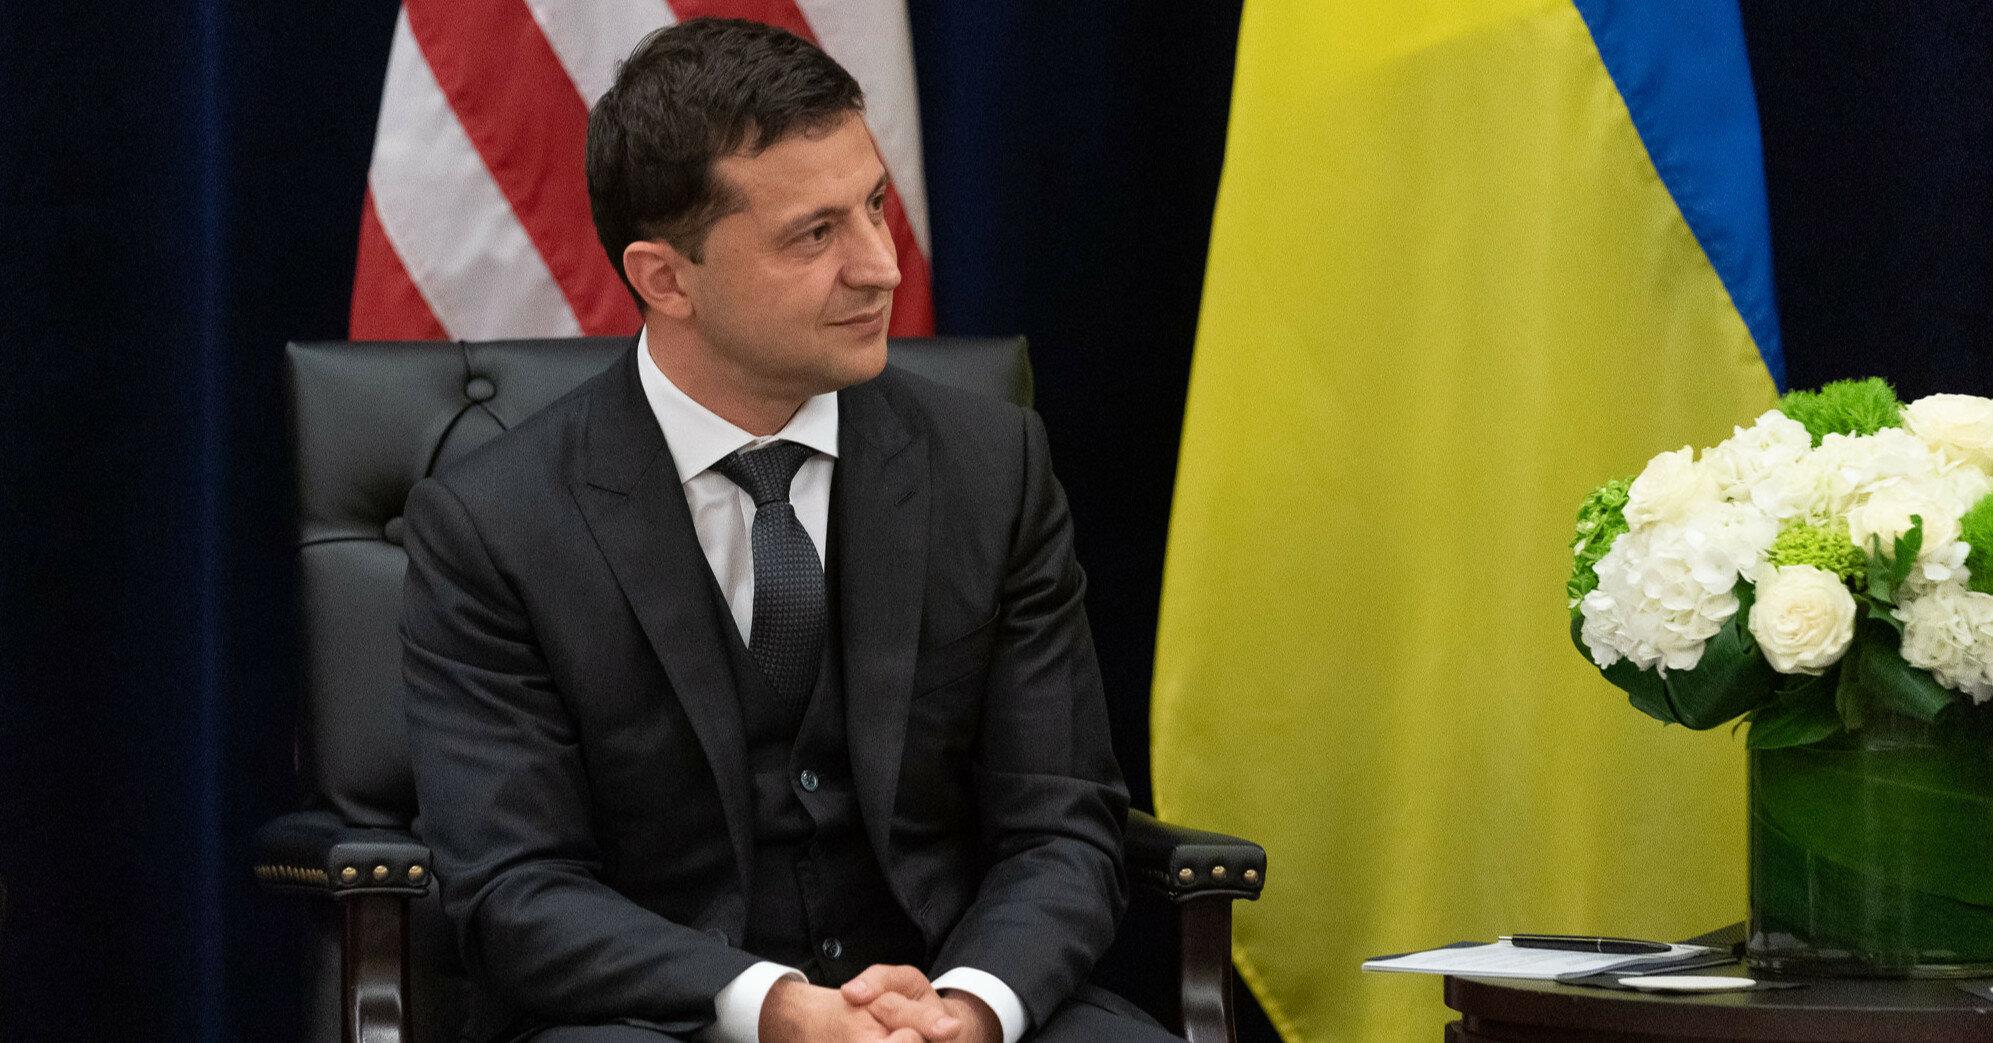 В США поддерживают сотрудничество с Украиной — политолог о визите Зеленского